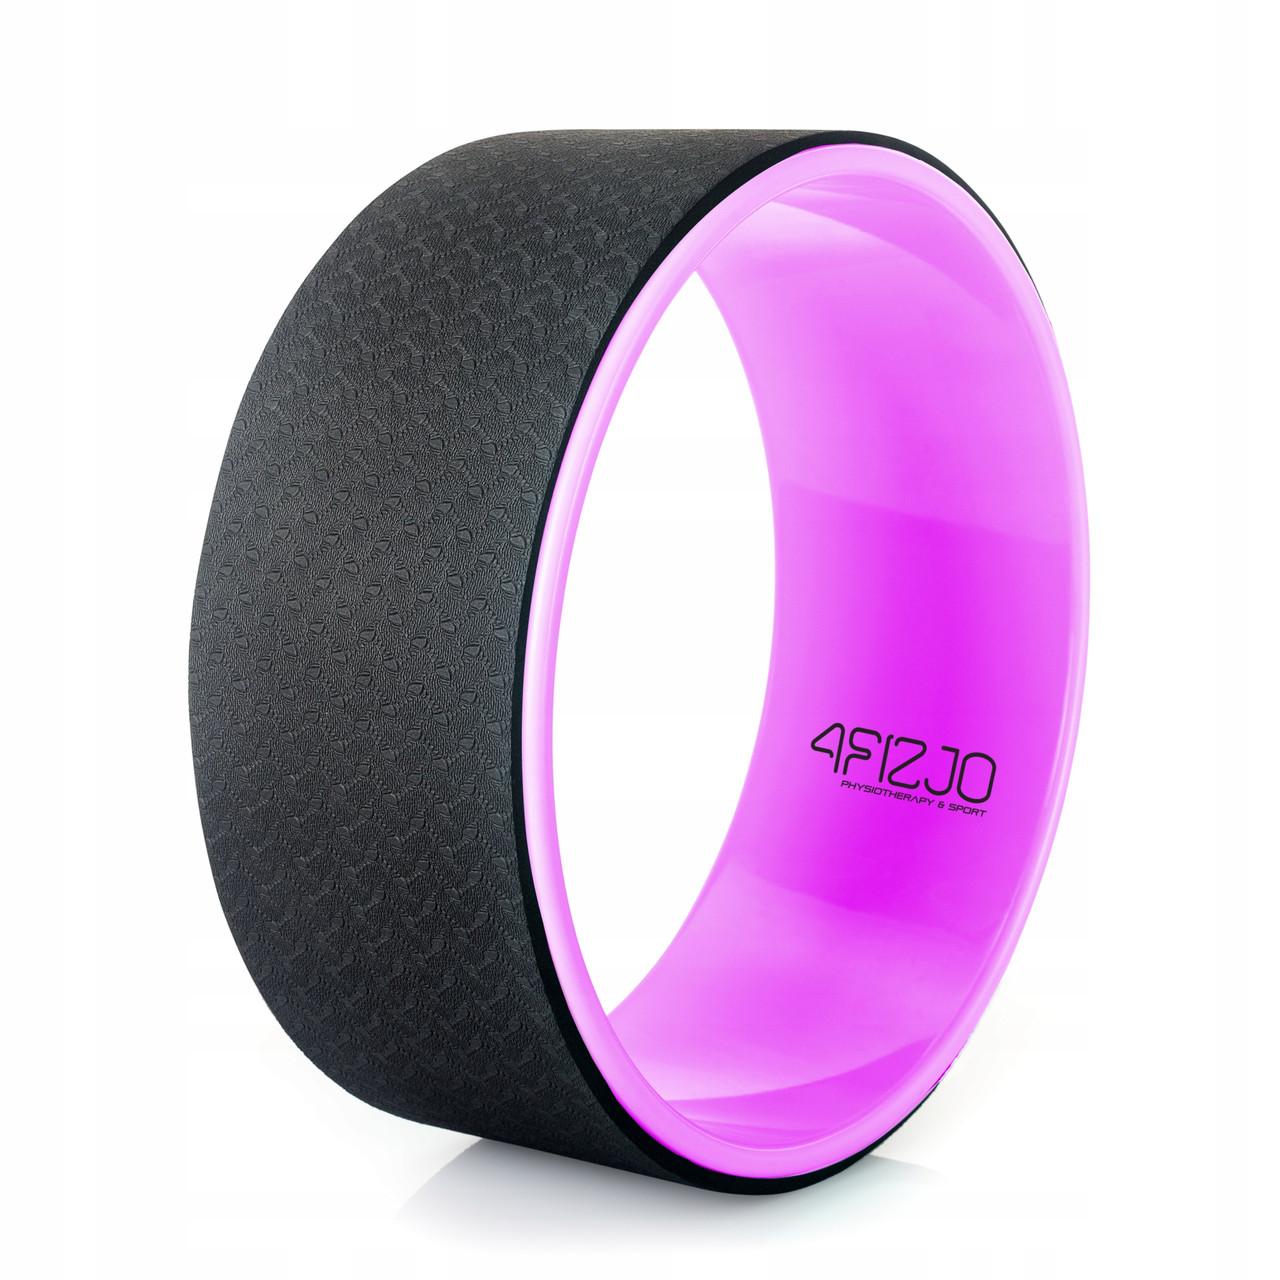 Колесо для йоги та фітнесу 4FIZJO Dharma 4FJ1455 Pink